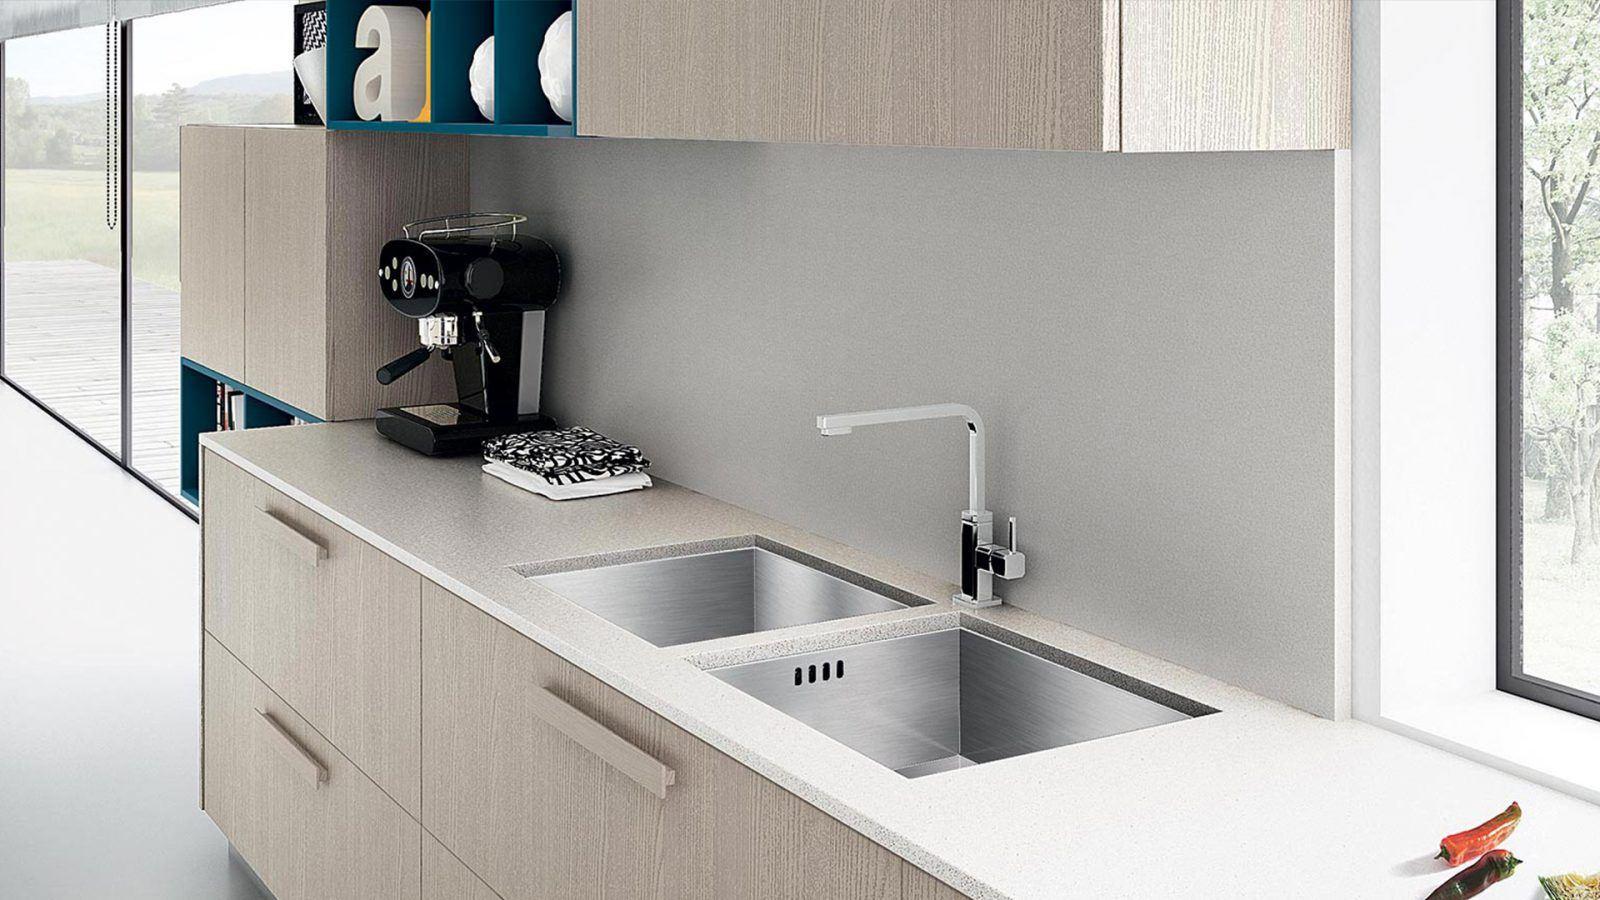 Cucine di design moderno e contemporaneo a padova - Cucine a padova ...